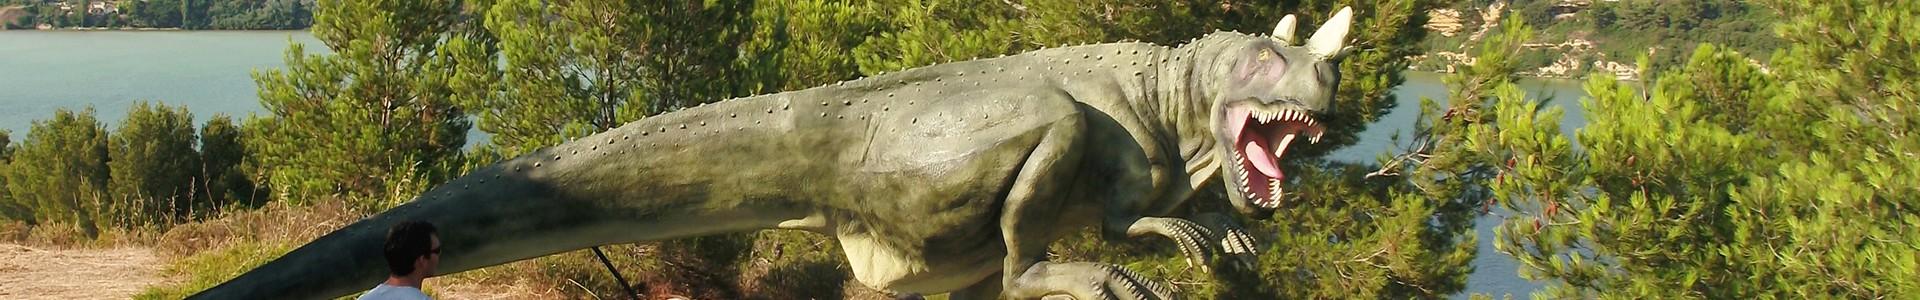 dinosaur-istres-com-2908